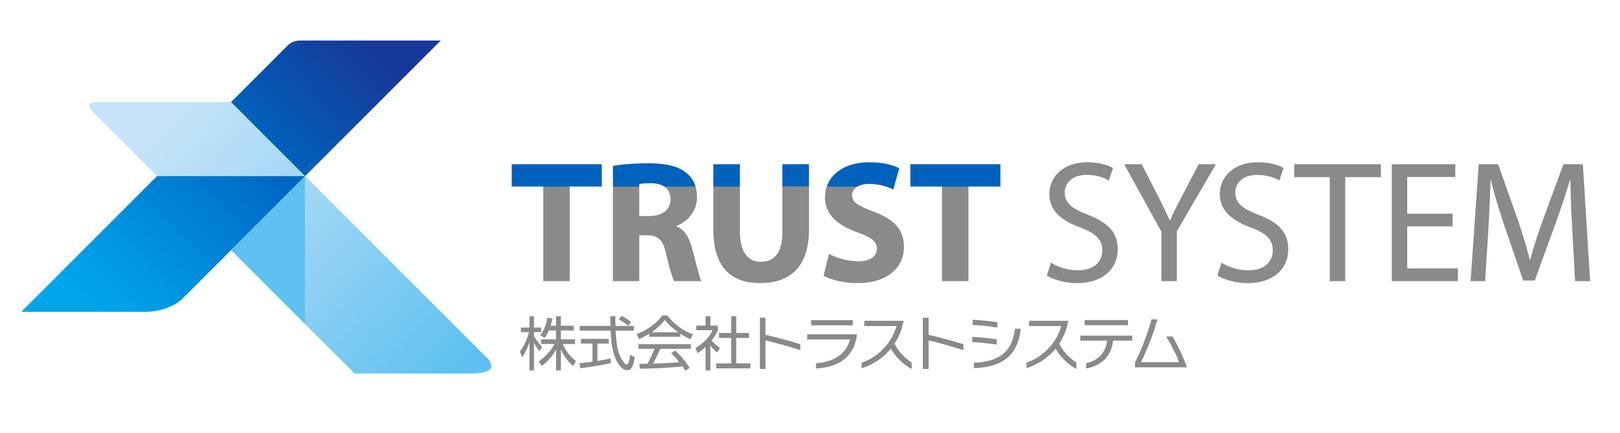 株式会社トラストシステム